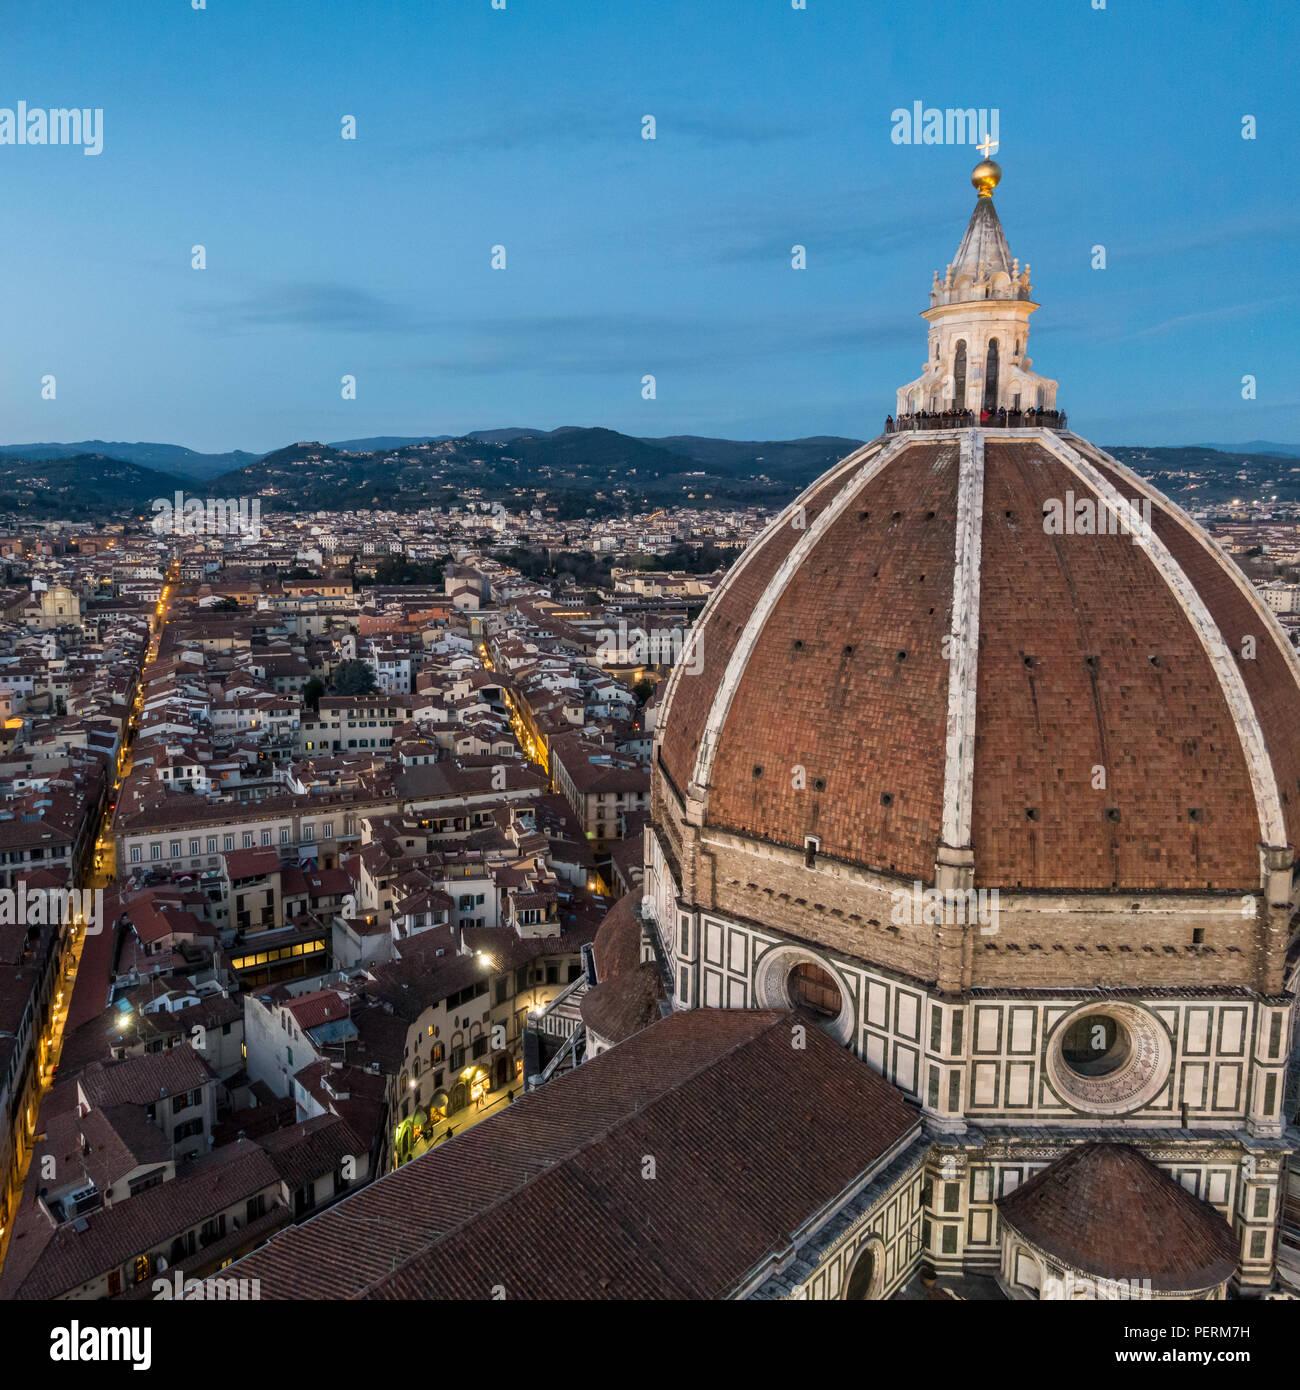 Florencia, Italia - Marzo 23, 2018: Los turistas se reúnen en la cúpula del Duomo de Florencia para ver la puesta de sol. Imagen De Stock